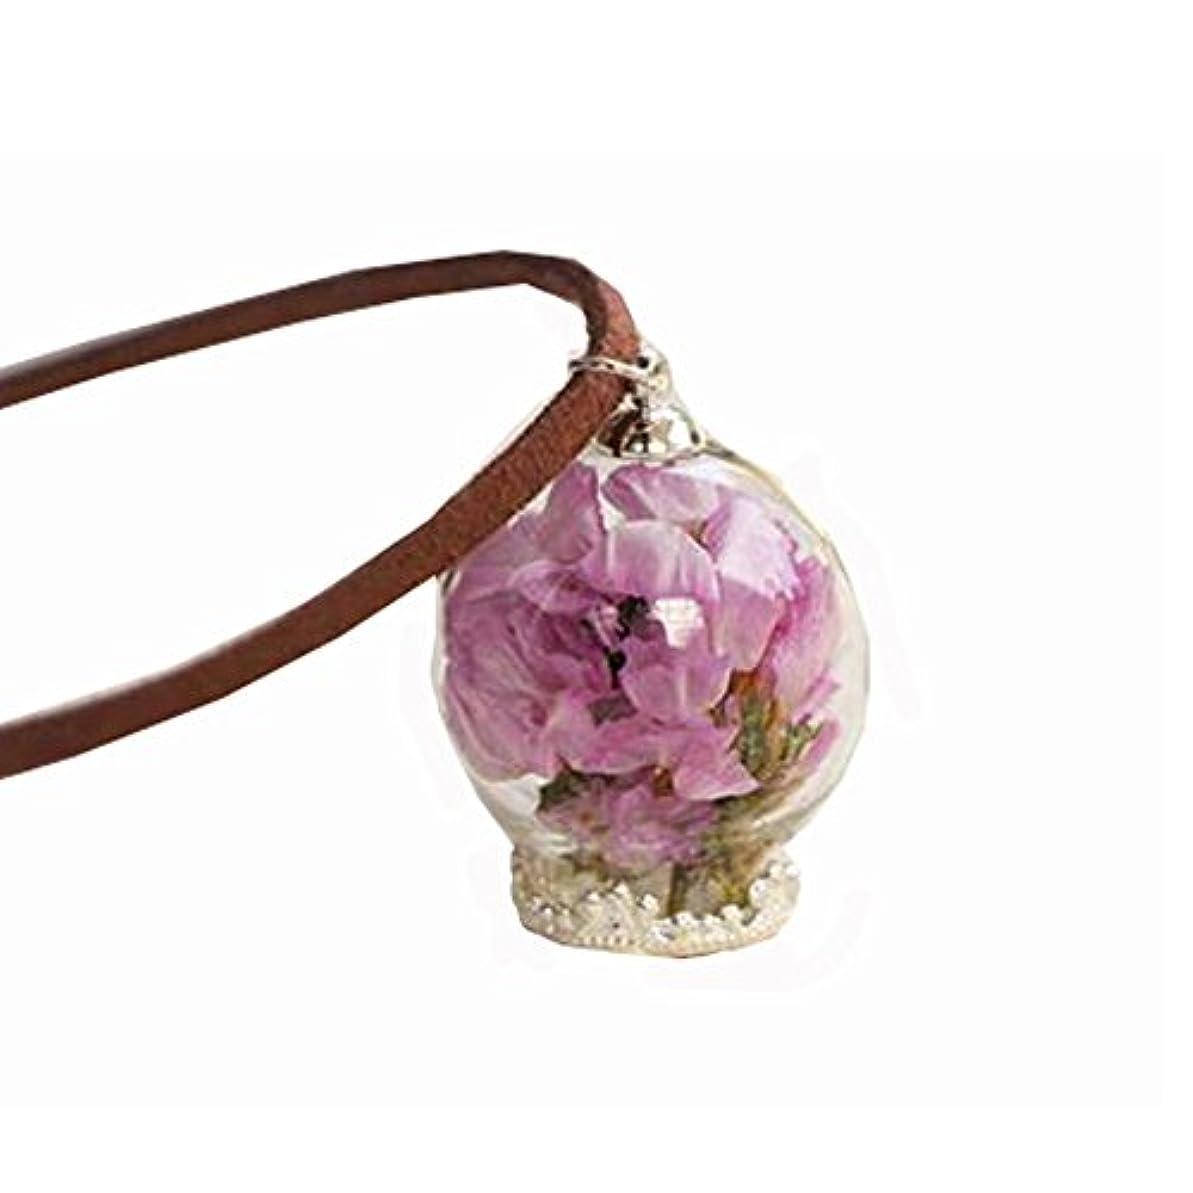 人里離れた価値のない話す美しい乾燥した花のペンダントネックレスセーターの装飾品のセットナイスギフト